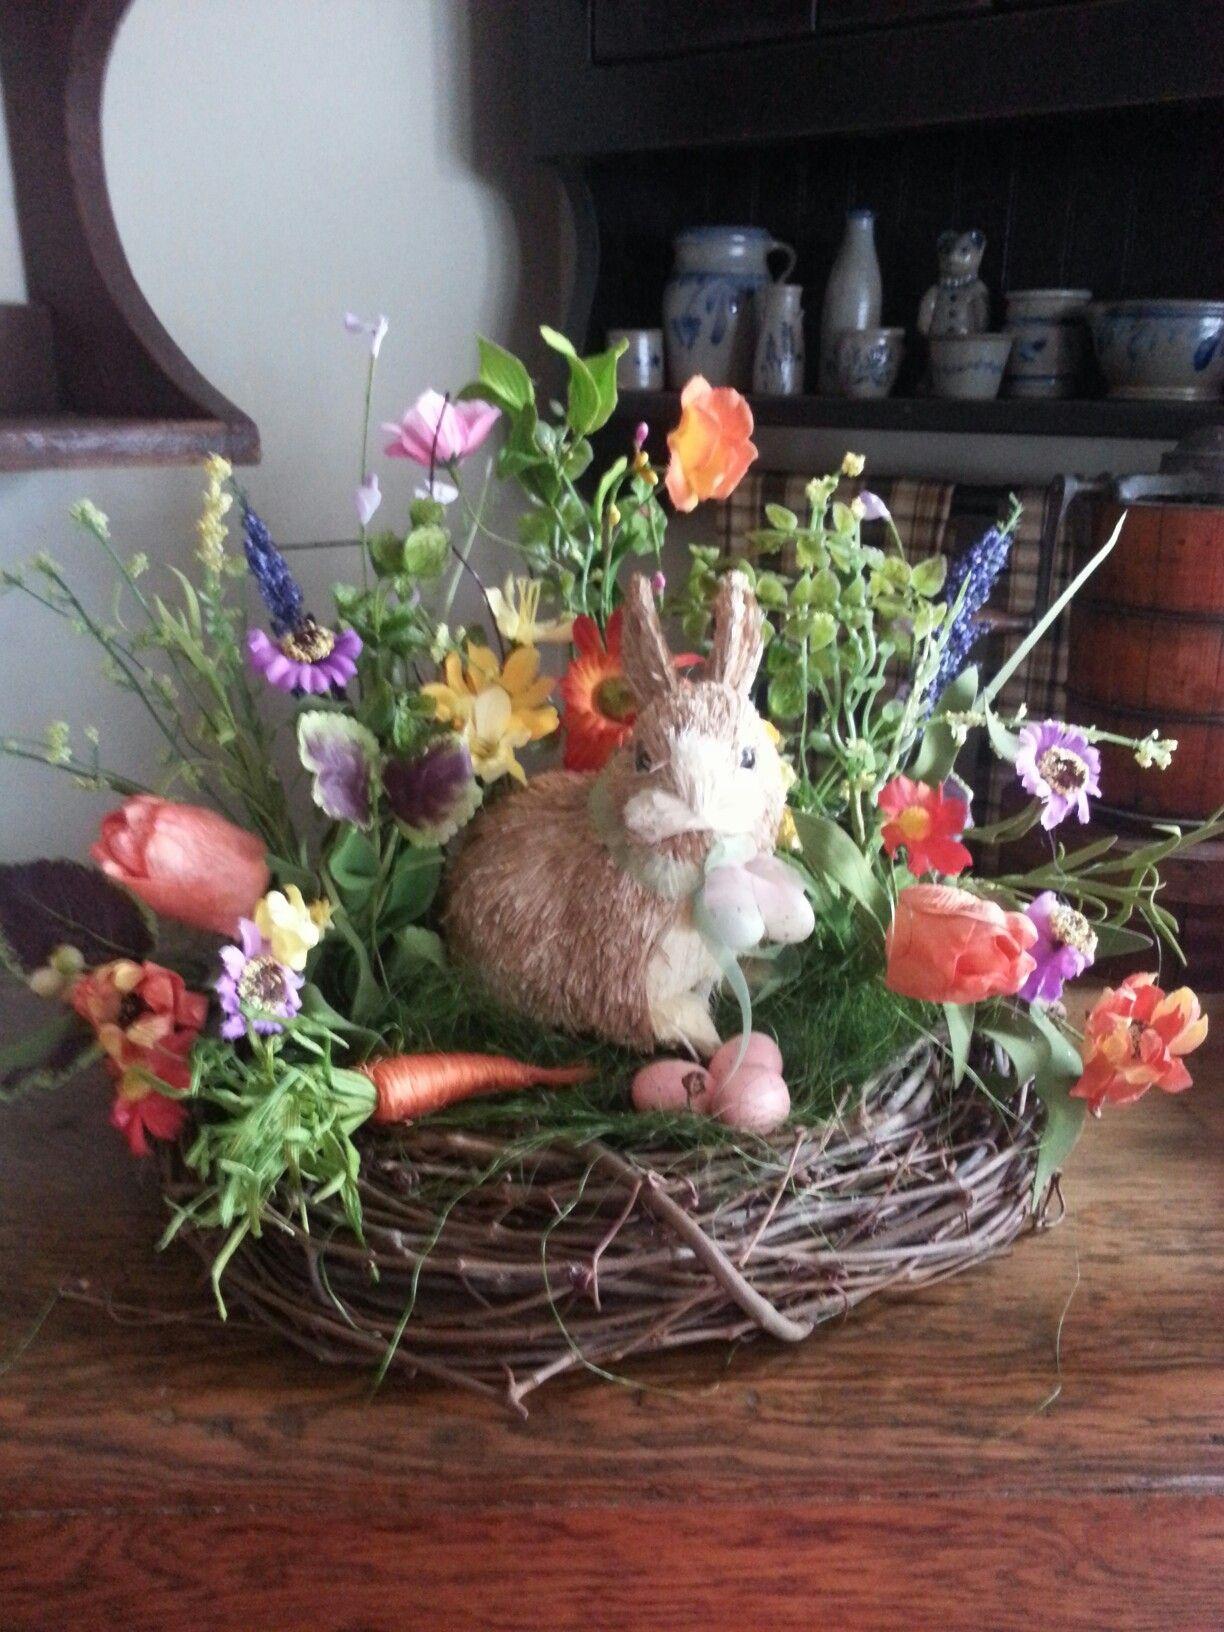 Easter Rabbit Wreath   Centerpiece. Veľkonočné RemesláVeľkonočná  VýzdobaVeľkonočné NápadyVeľkonočné PrestieranieVeľkonočné OzdobyNápady ... 6fcd732315c